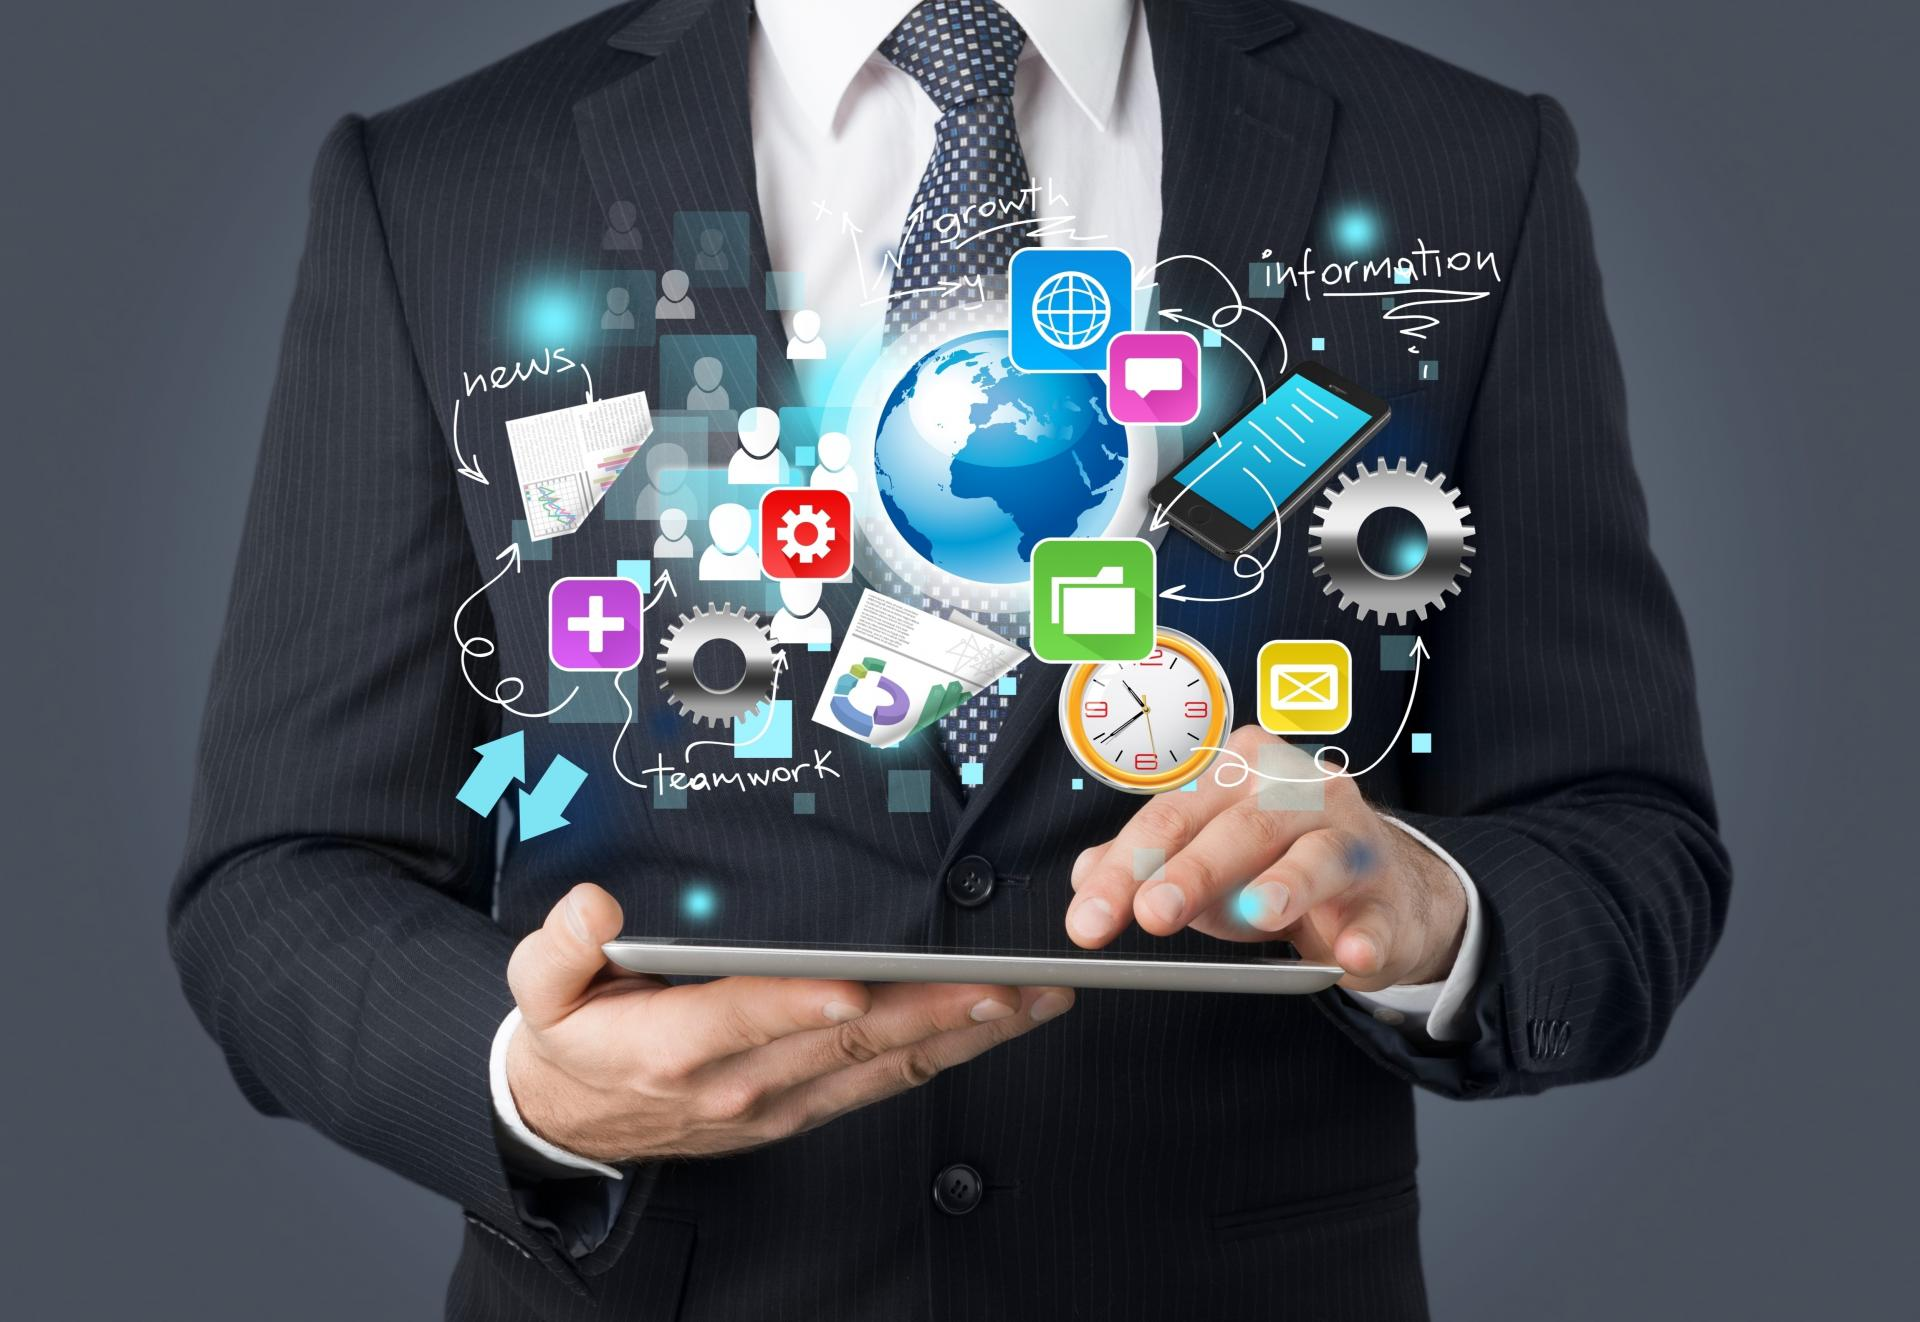 Los negocios han vivido un antes y un después en 2021 gracias al marketing digital, según el experto en marketing digital, Juan Benítez